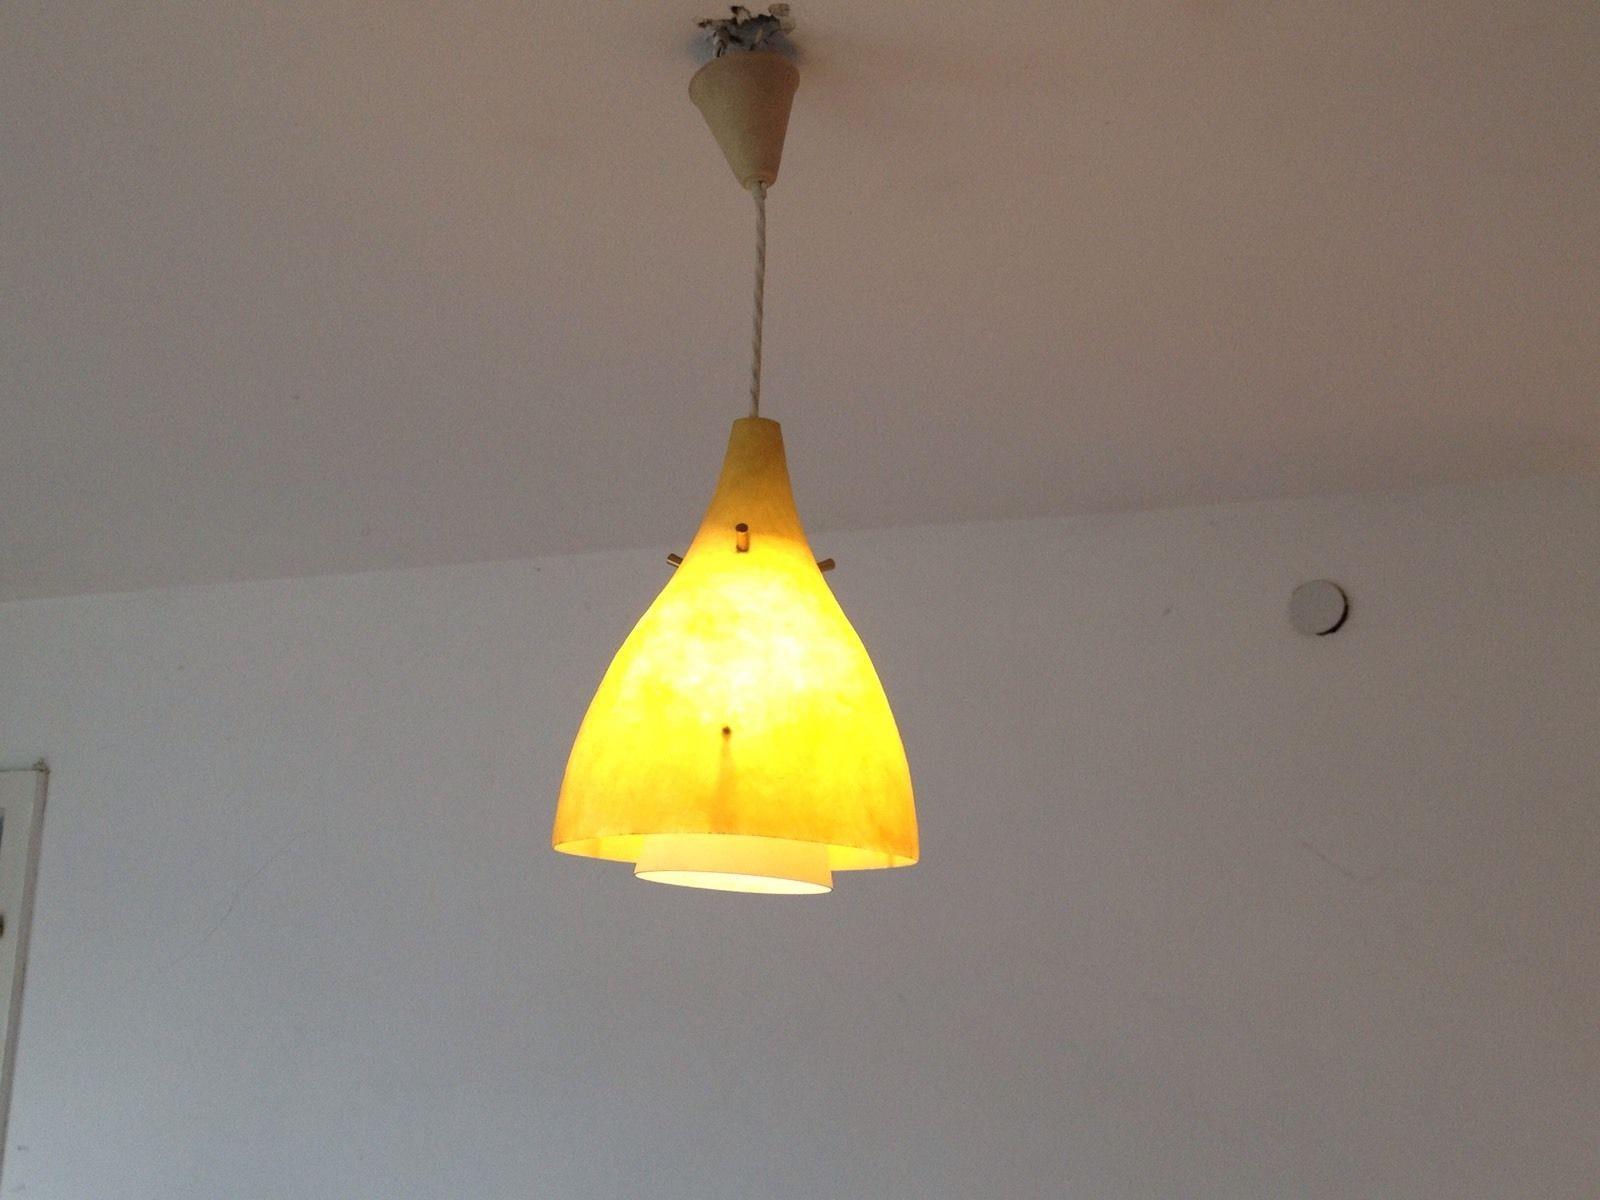 Badezimmerlampe Decke ~ 1 of 4: 50er jahre decken lampe mit glasfaser schirm lights